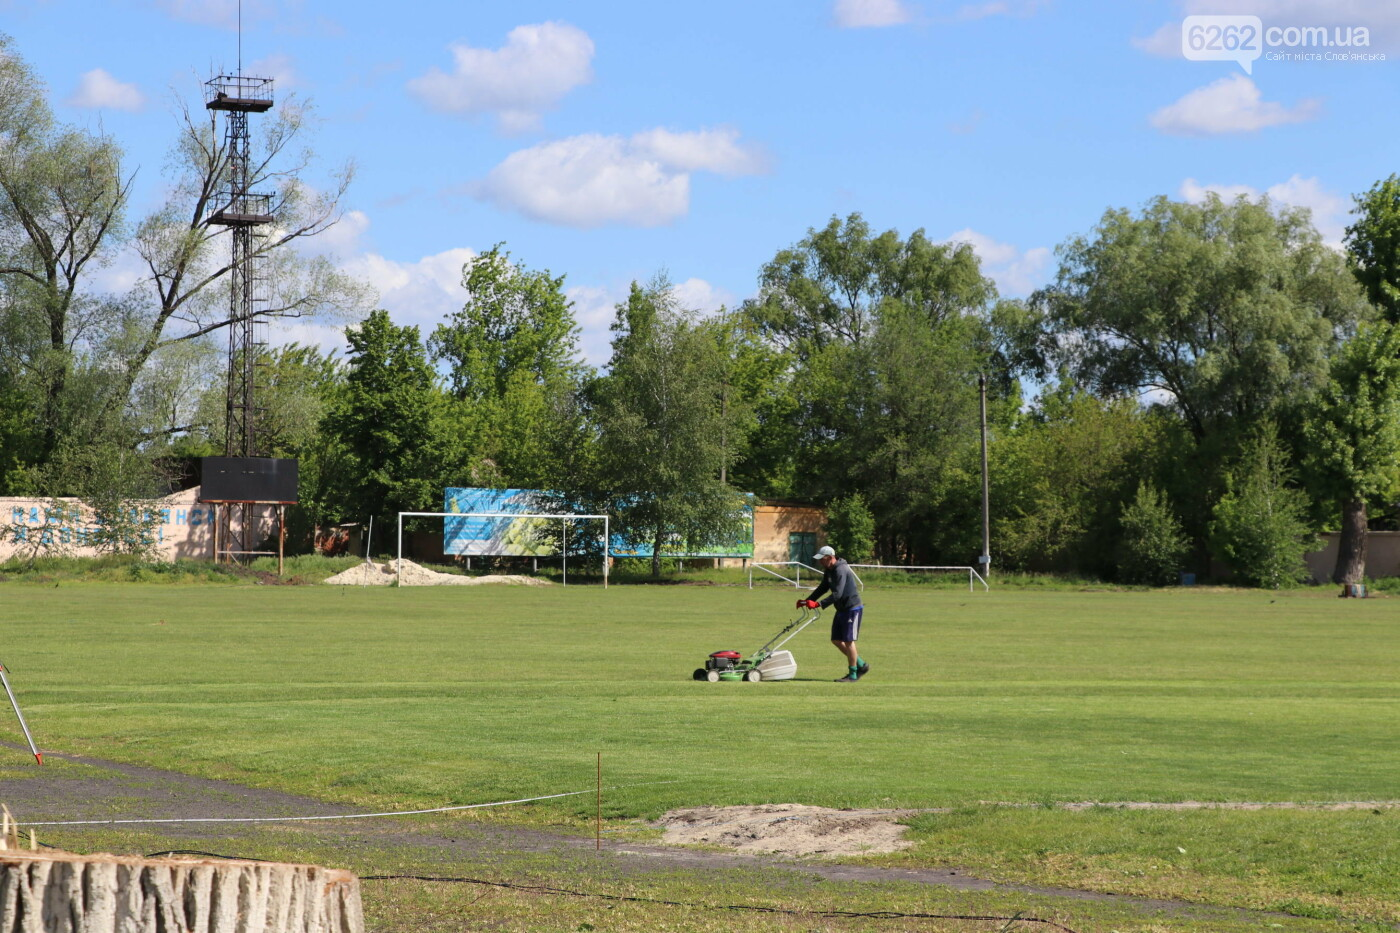 У Слов'янську реконструюють стадіон ім. Скіданова (кол. Хімік) , фото-2